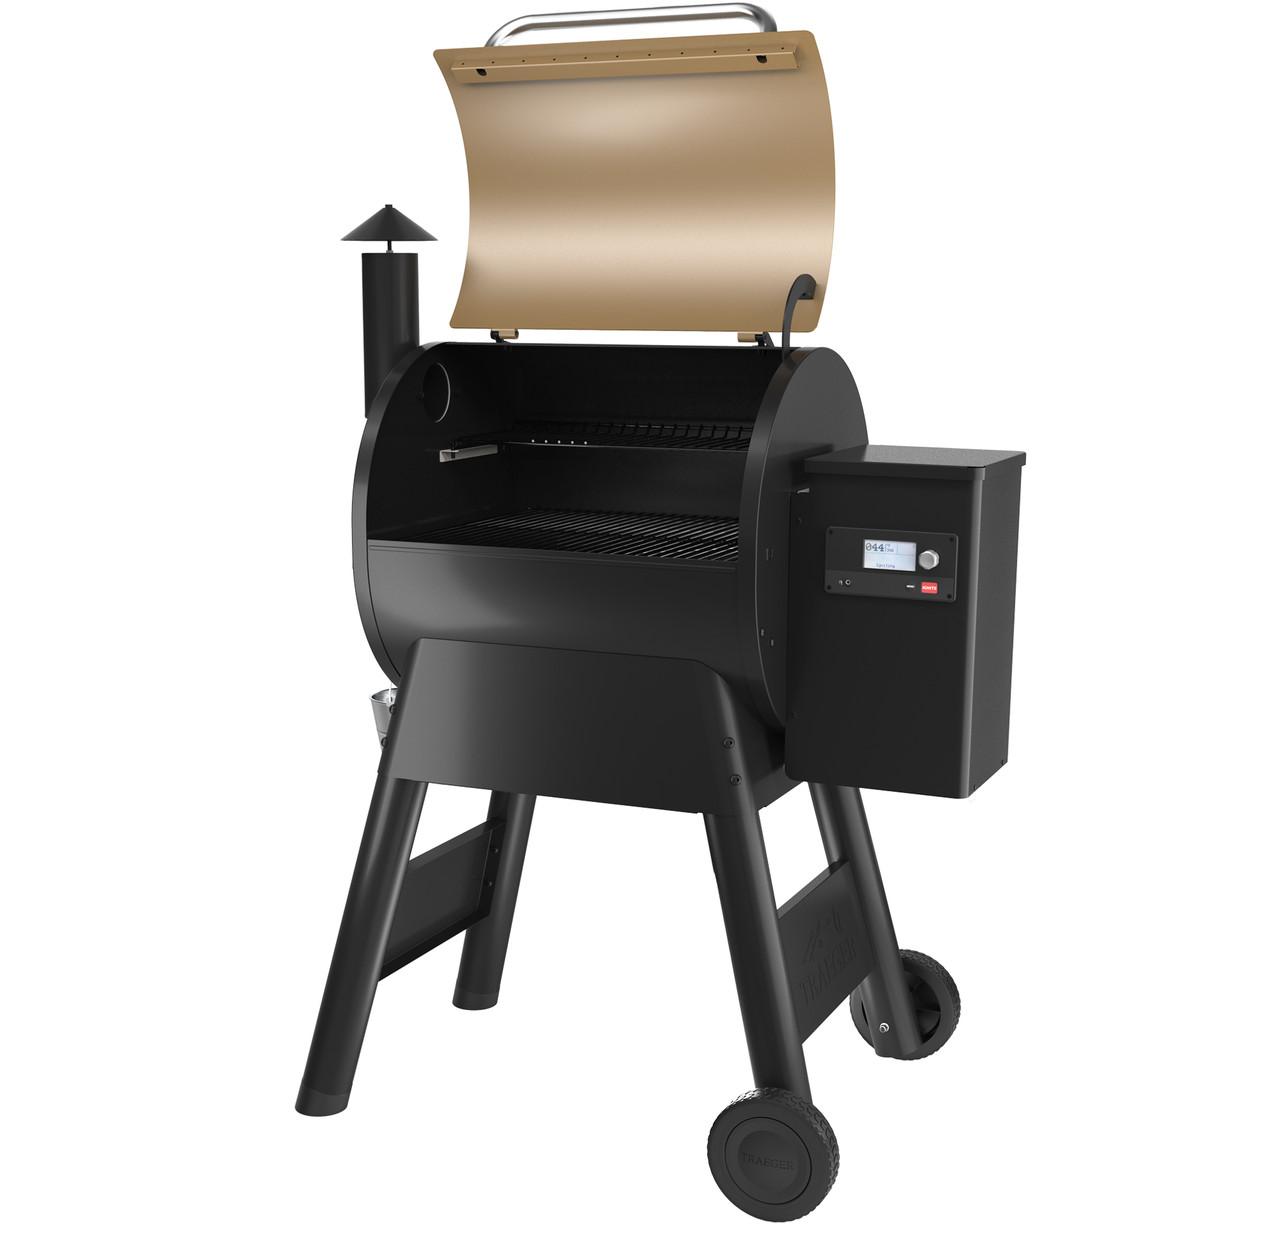 TRAEGER  TFB57GZE Pro Series 575 Pellet Grill - Bronze